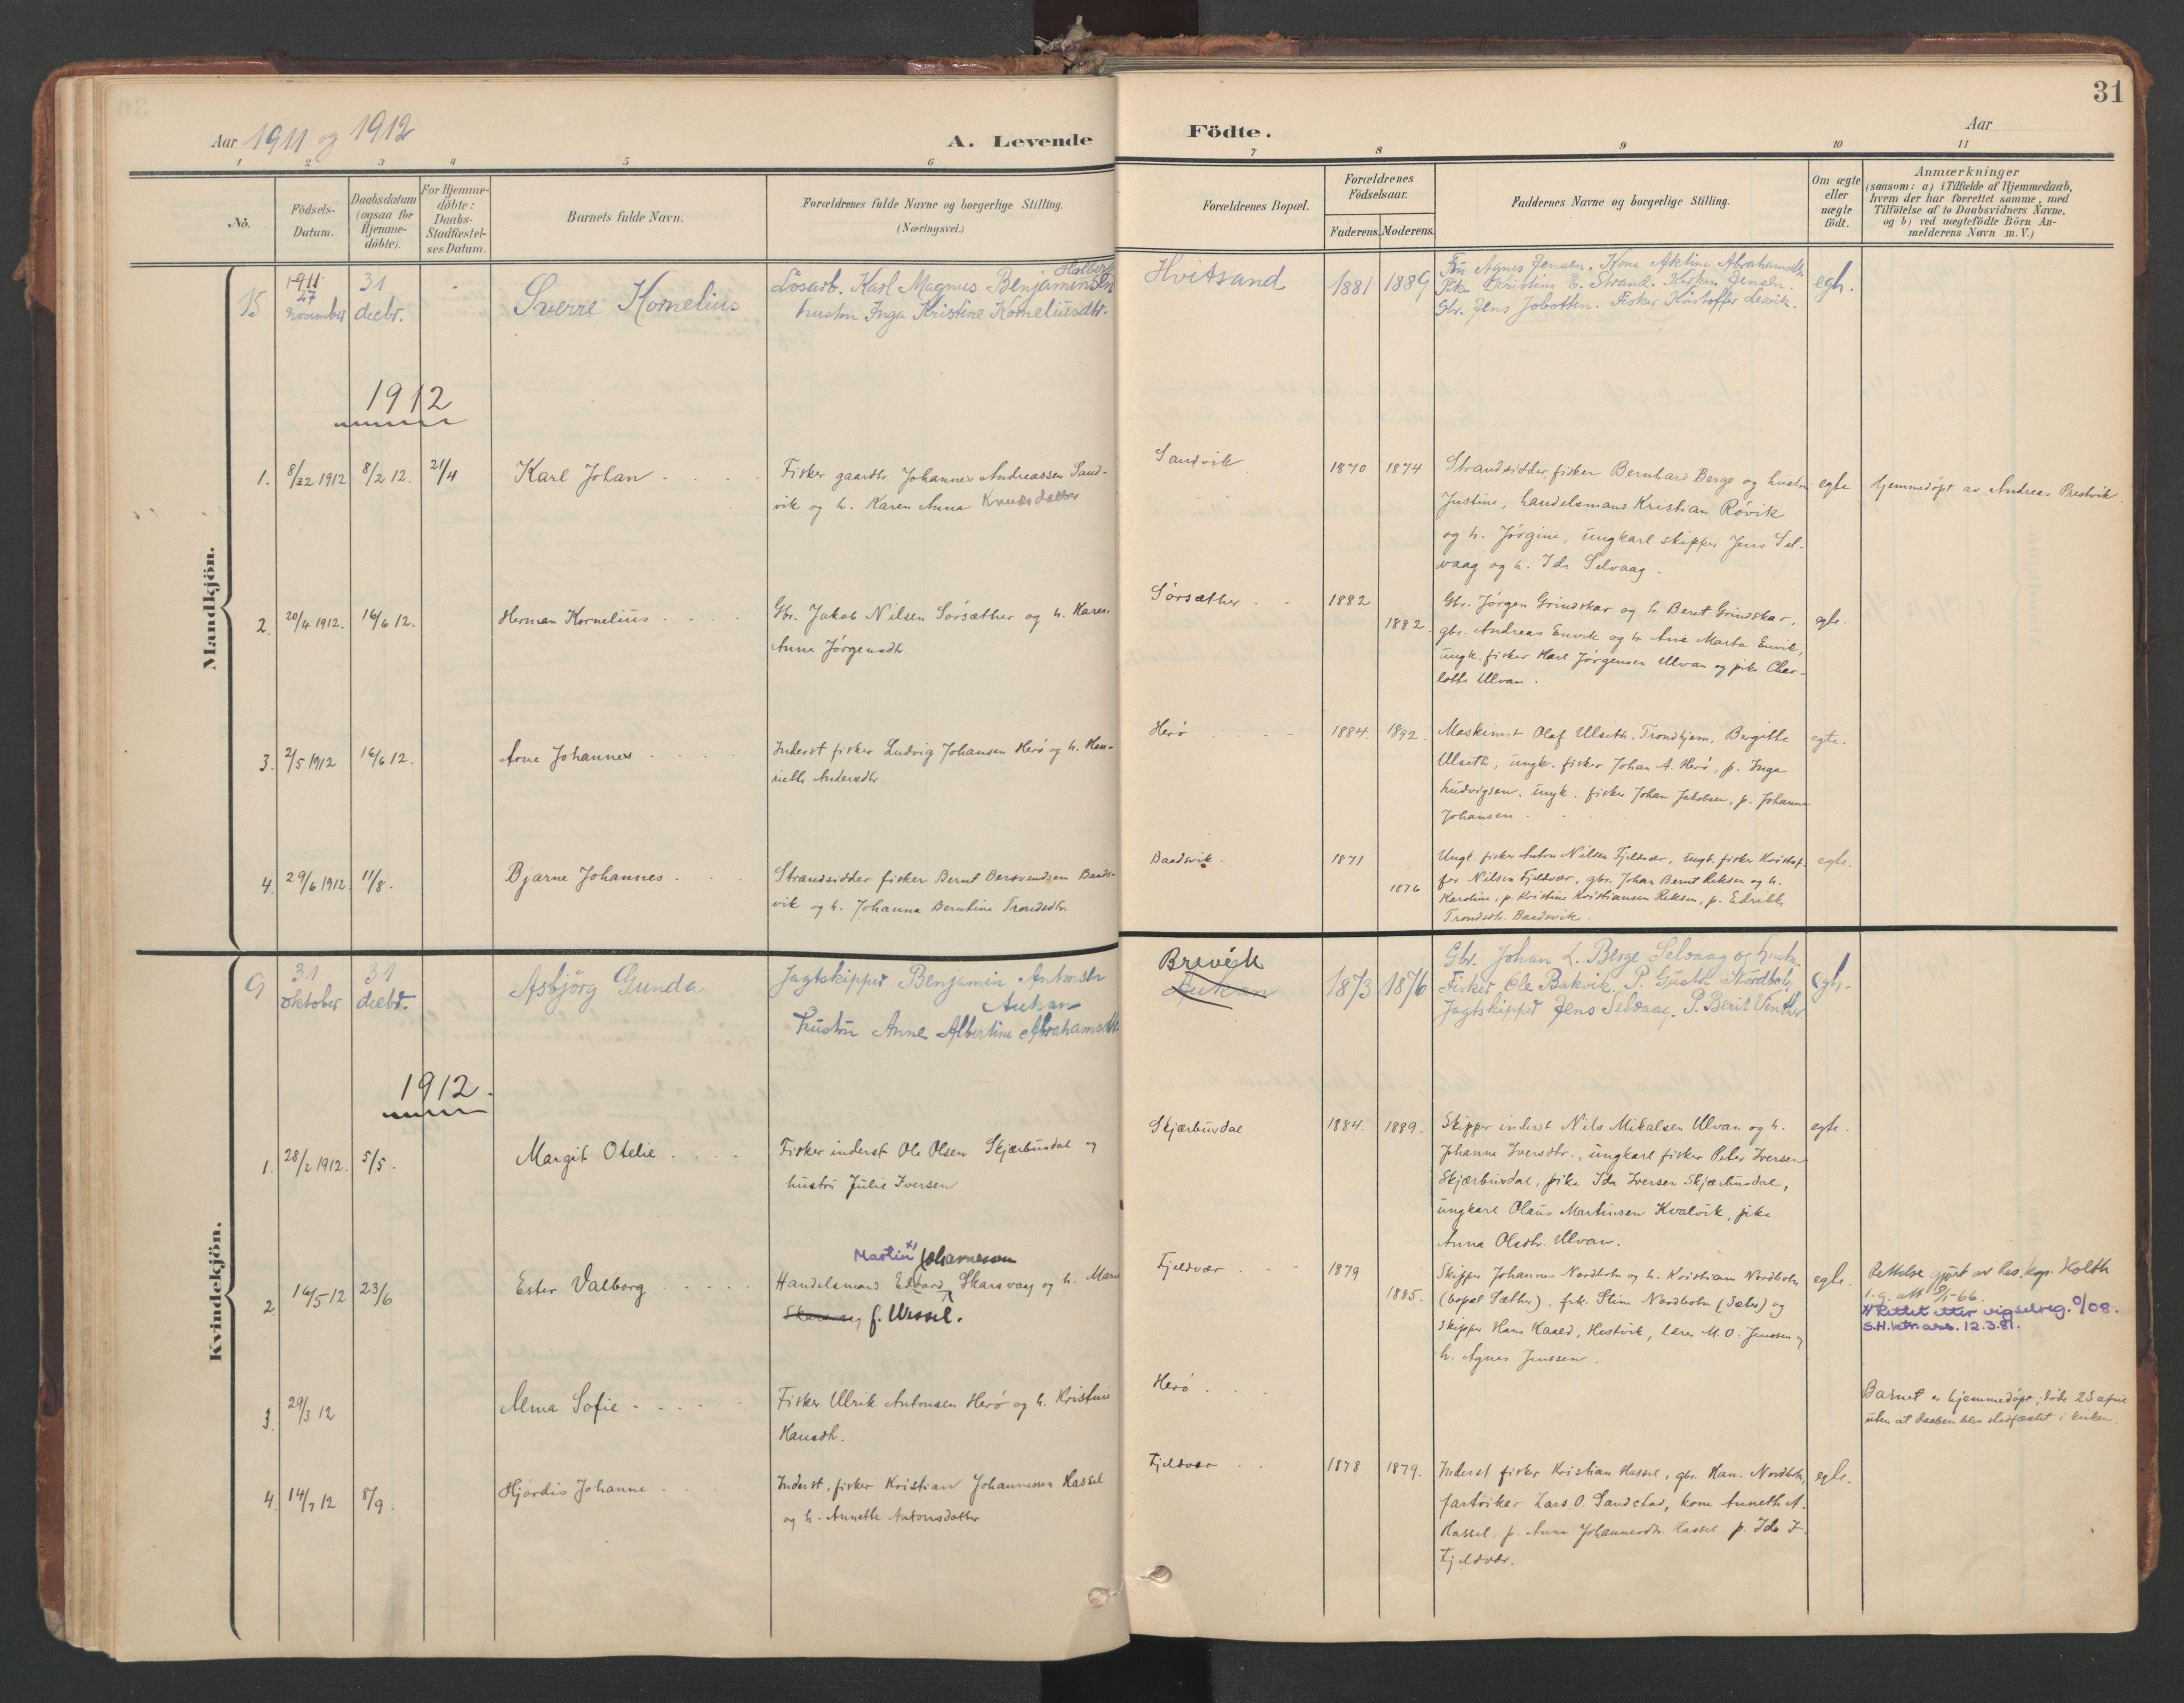 SAT, Ministerialprotokoller, klokkerbøker og fødselsregistre - Sør-Trøndelag, 638/L0568: Ministerialbok nr. 638A01, 1901-1916, s. 31